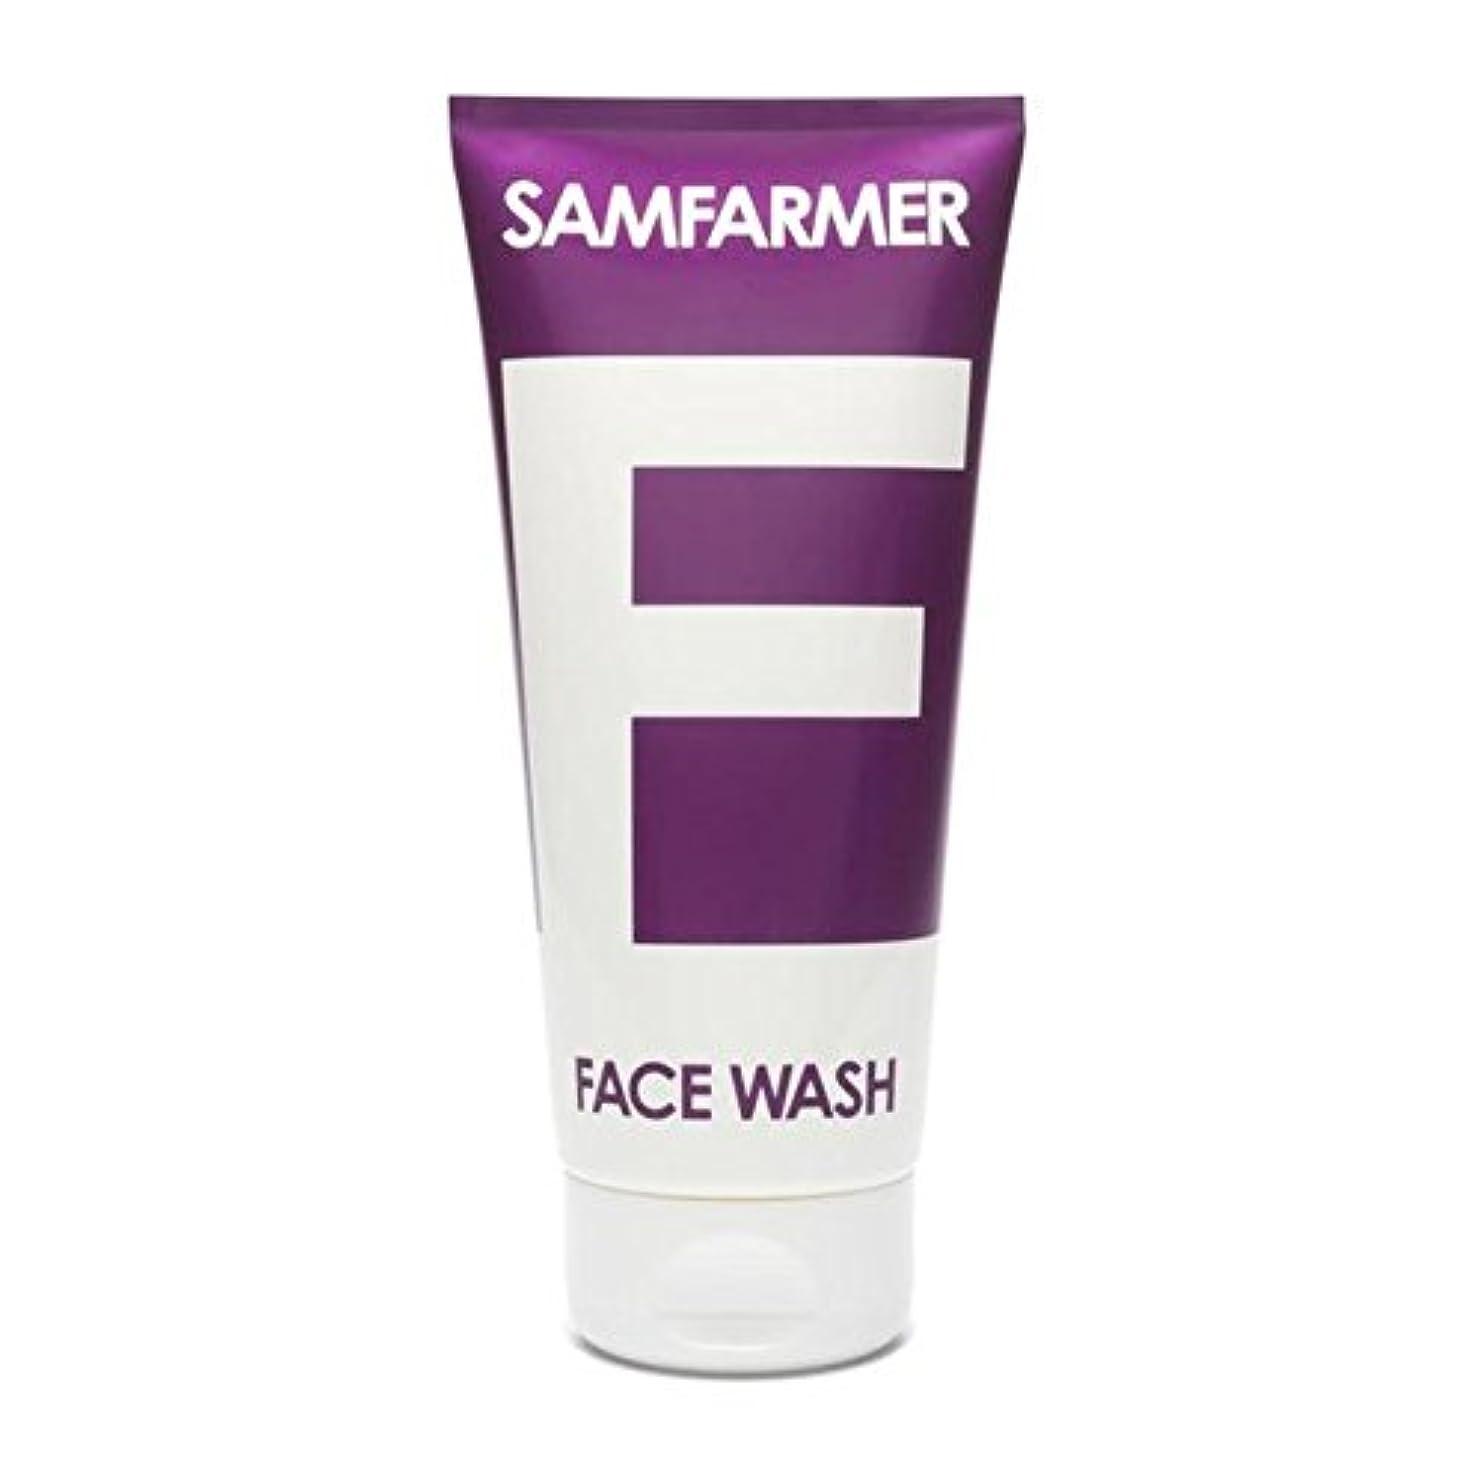 追記ブラスト航空SAMFARMER Unisex Face Wash 200ml - ユニセックスフェイスウォッシュ200ミリリットル [並行輸入品]